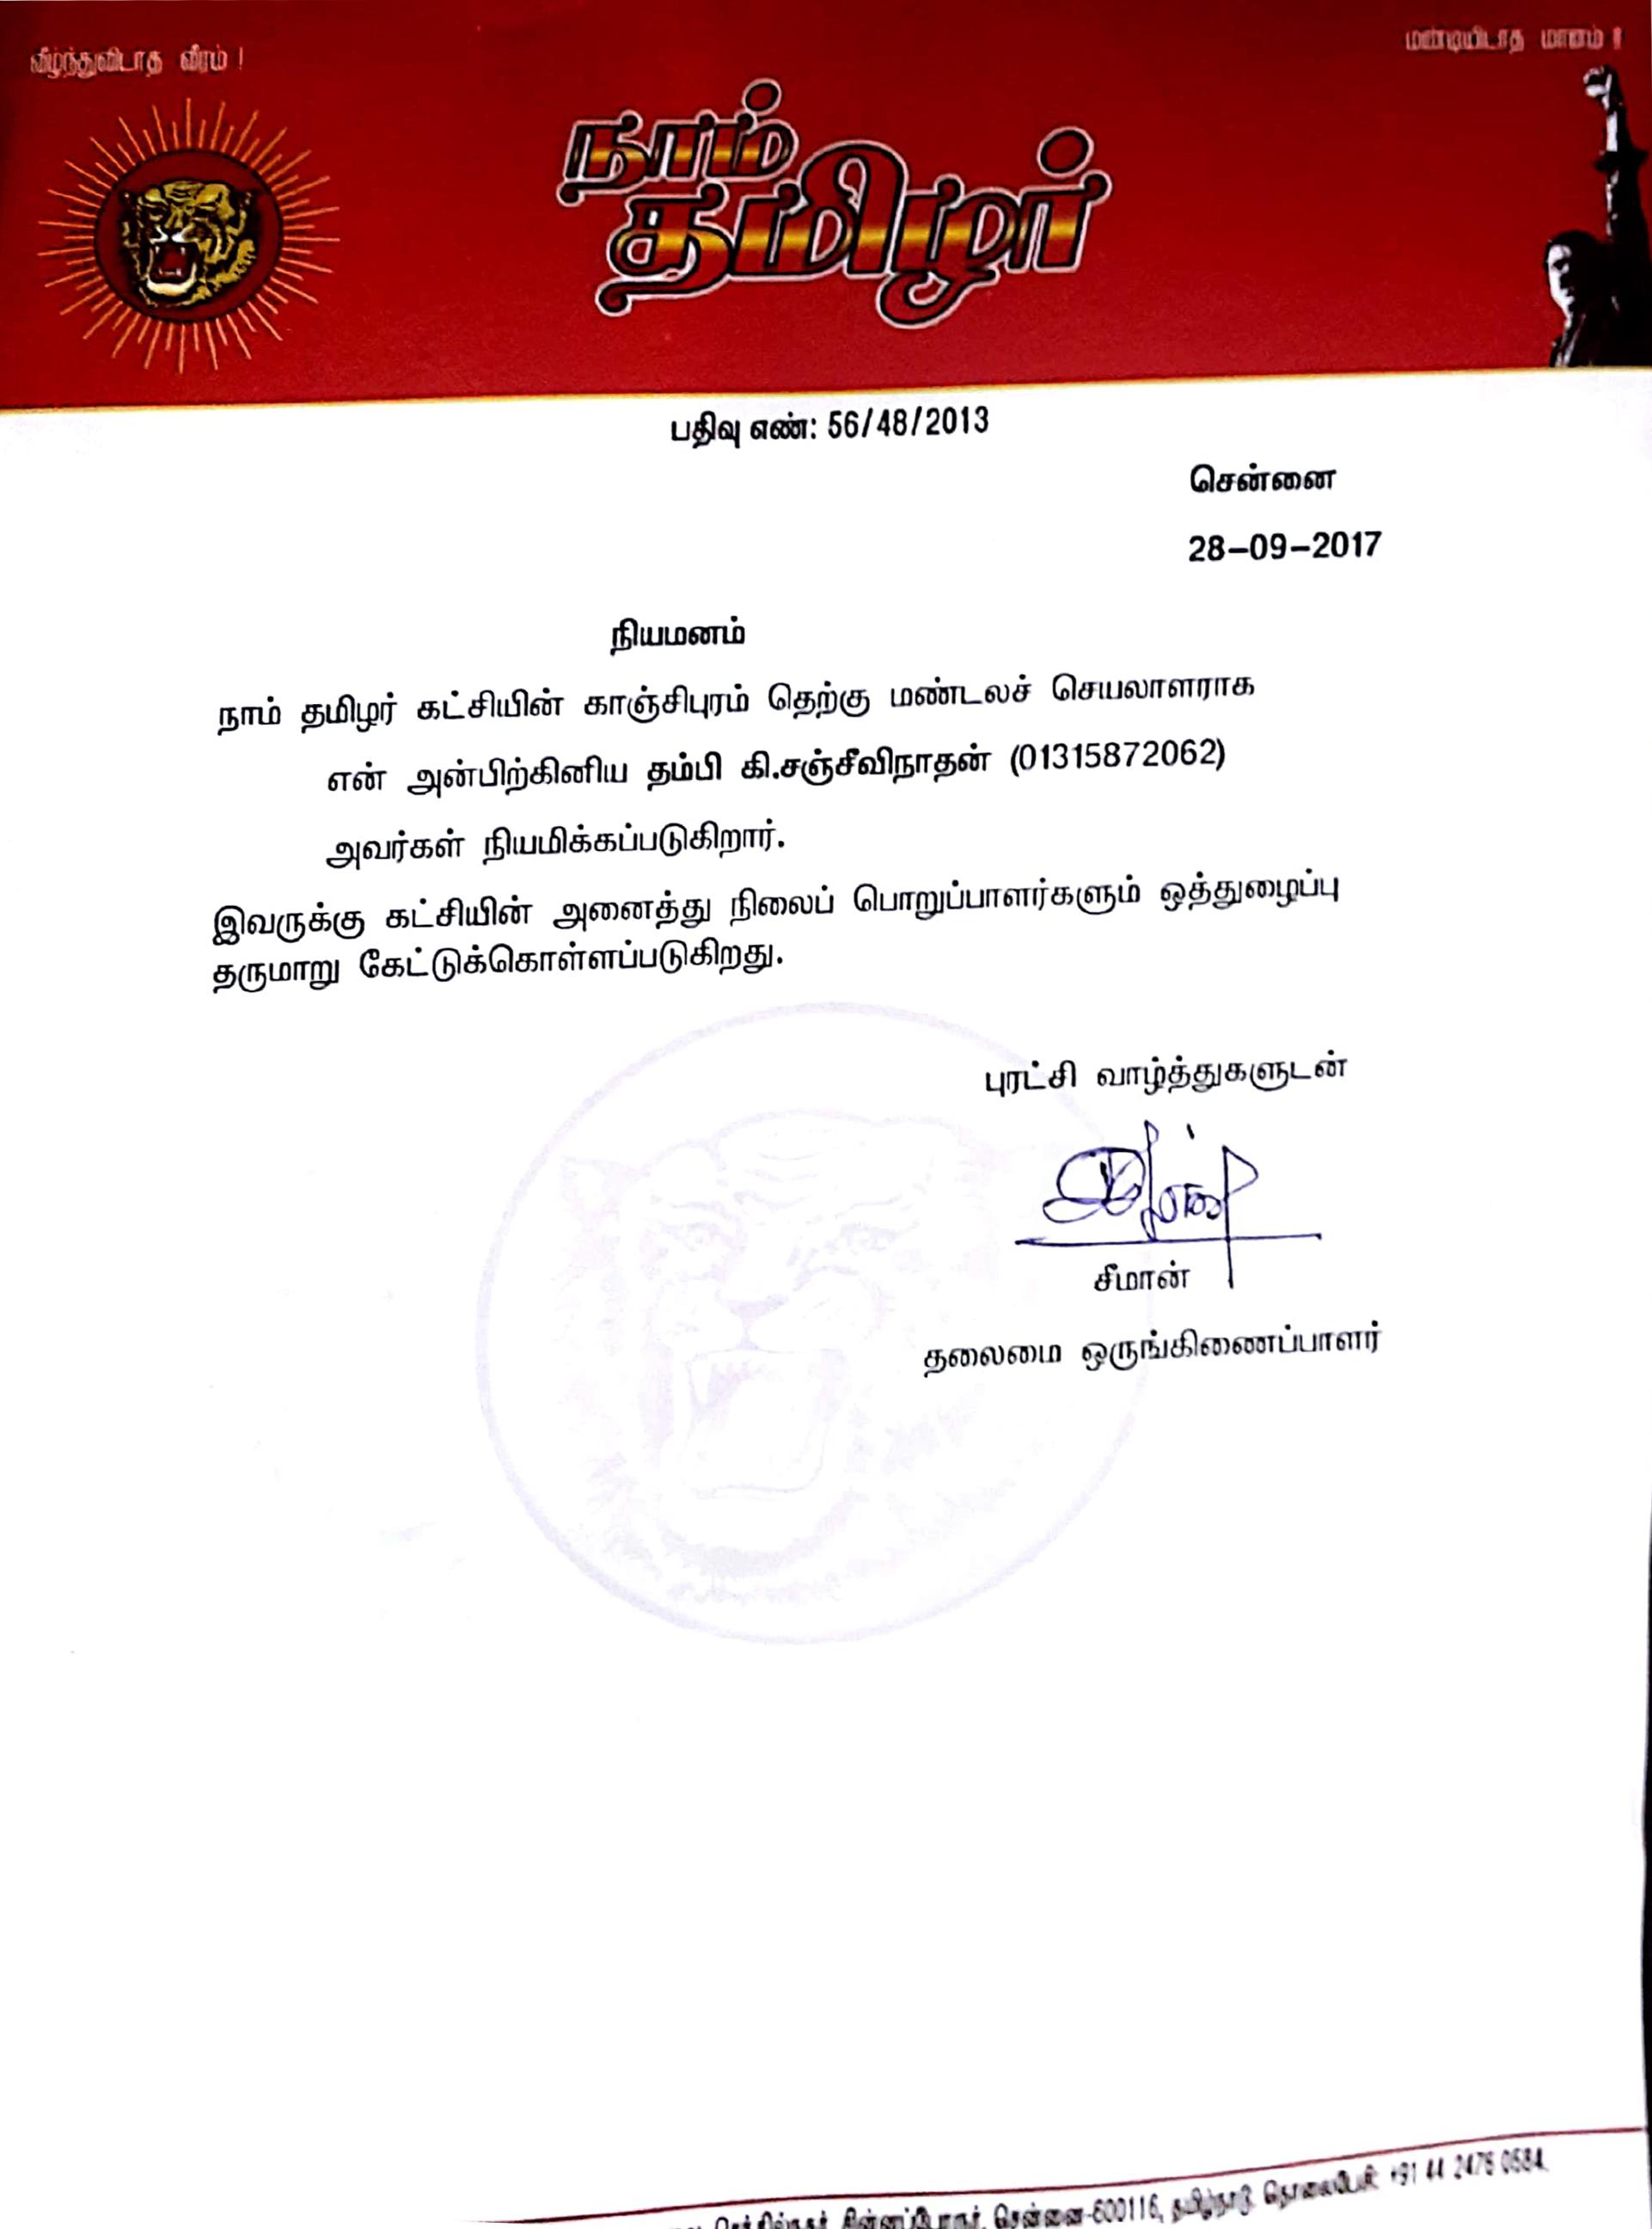 காஞ்சிபுரம் தெற்கு மண்டலச் செயலாளர் நியமனம் – தலைமை அறிவிப்பு (28-09-2017) kanjipuram therku mandala seyalaalar naam tamilar katchi appointment letter sanjeevi nathan